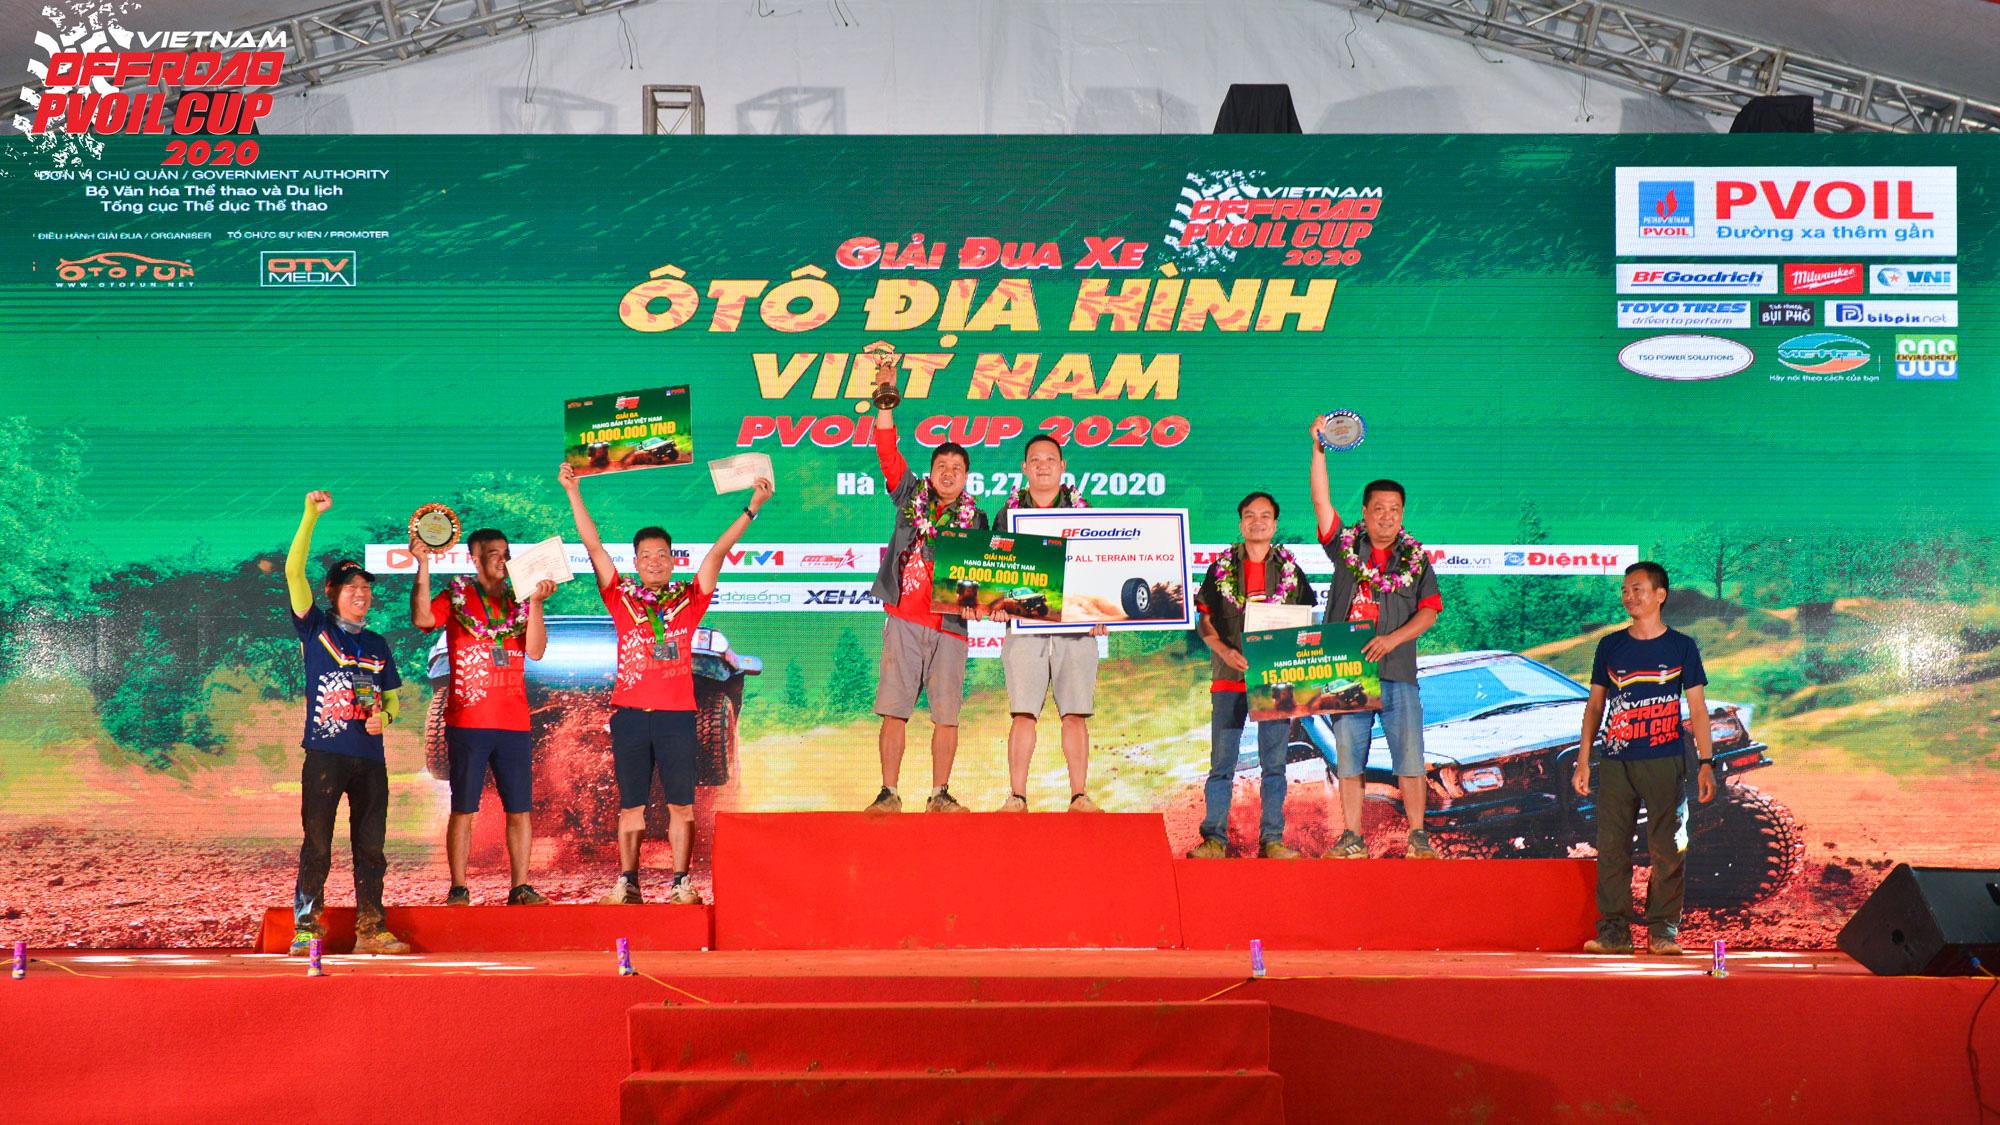 Lộ diện những nhà vô địch Giải đua xe Ô tô địa hình Việt Nam PVOIL Cup 2020 - Ảnh 1.